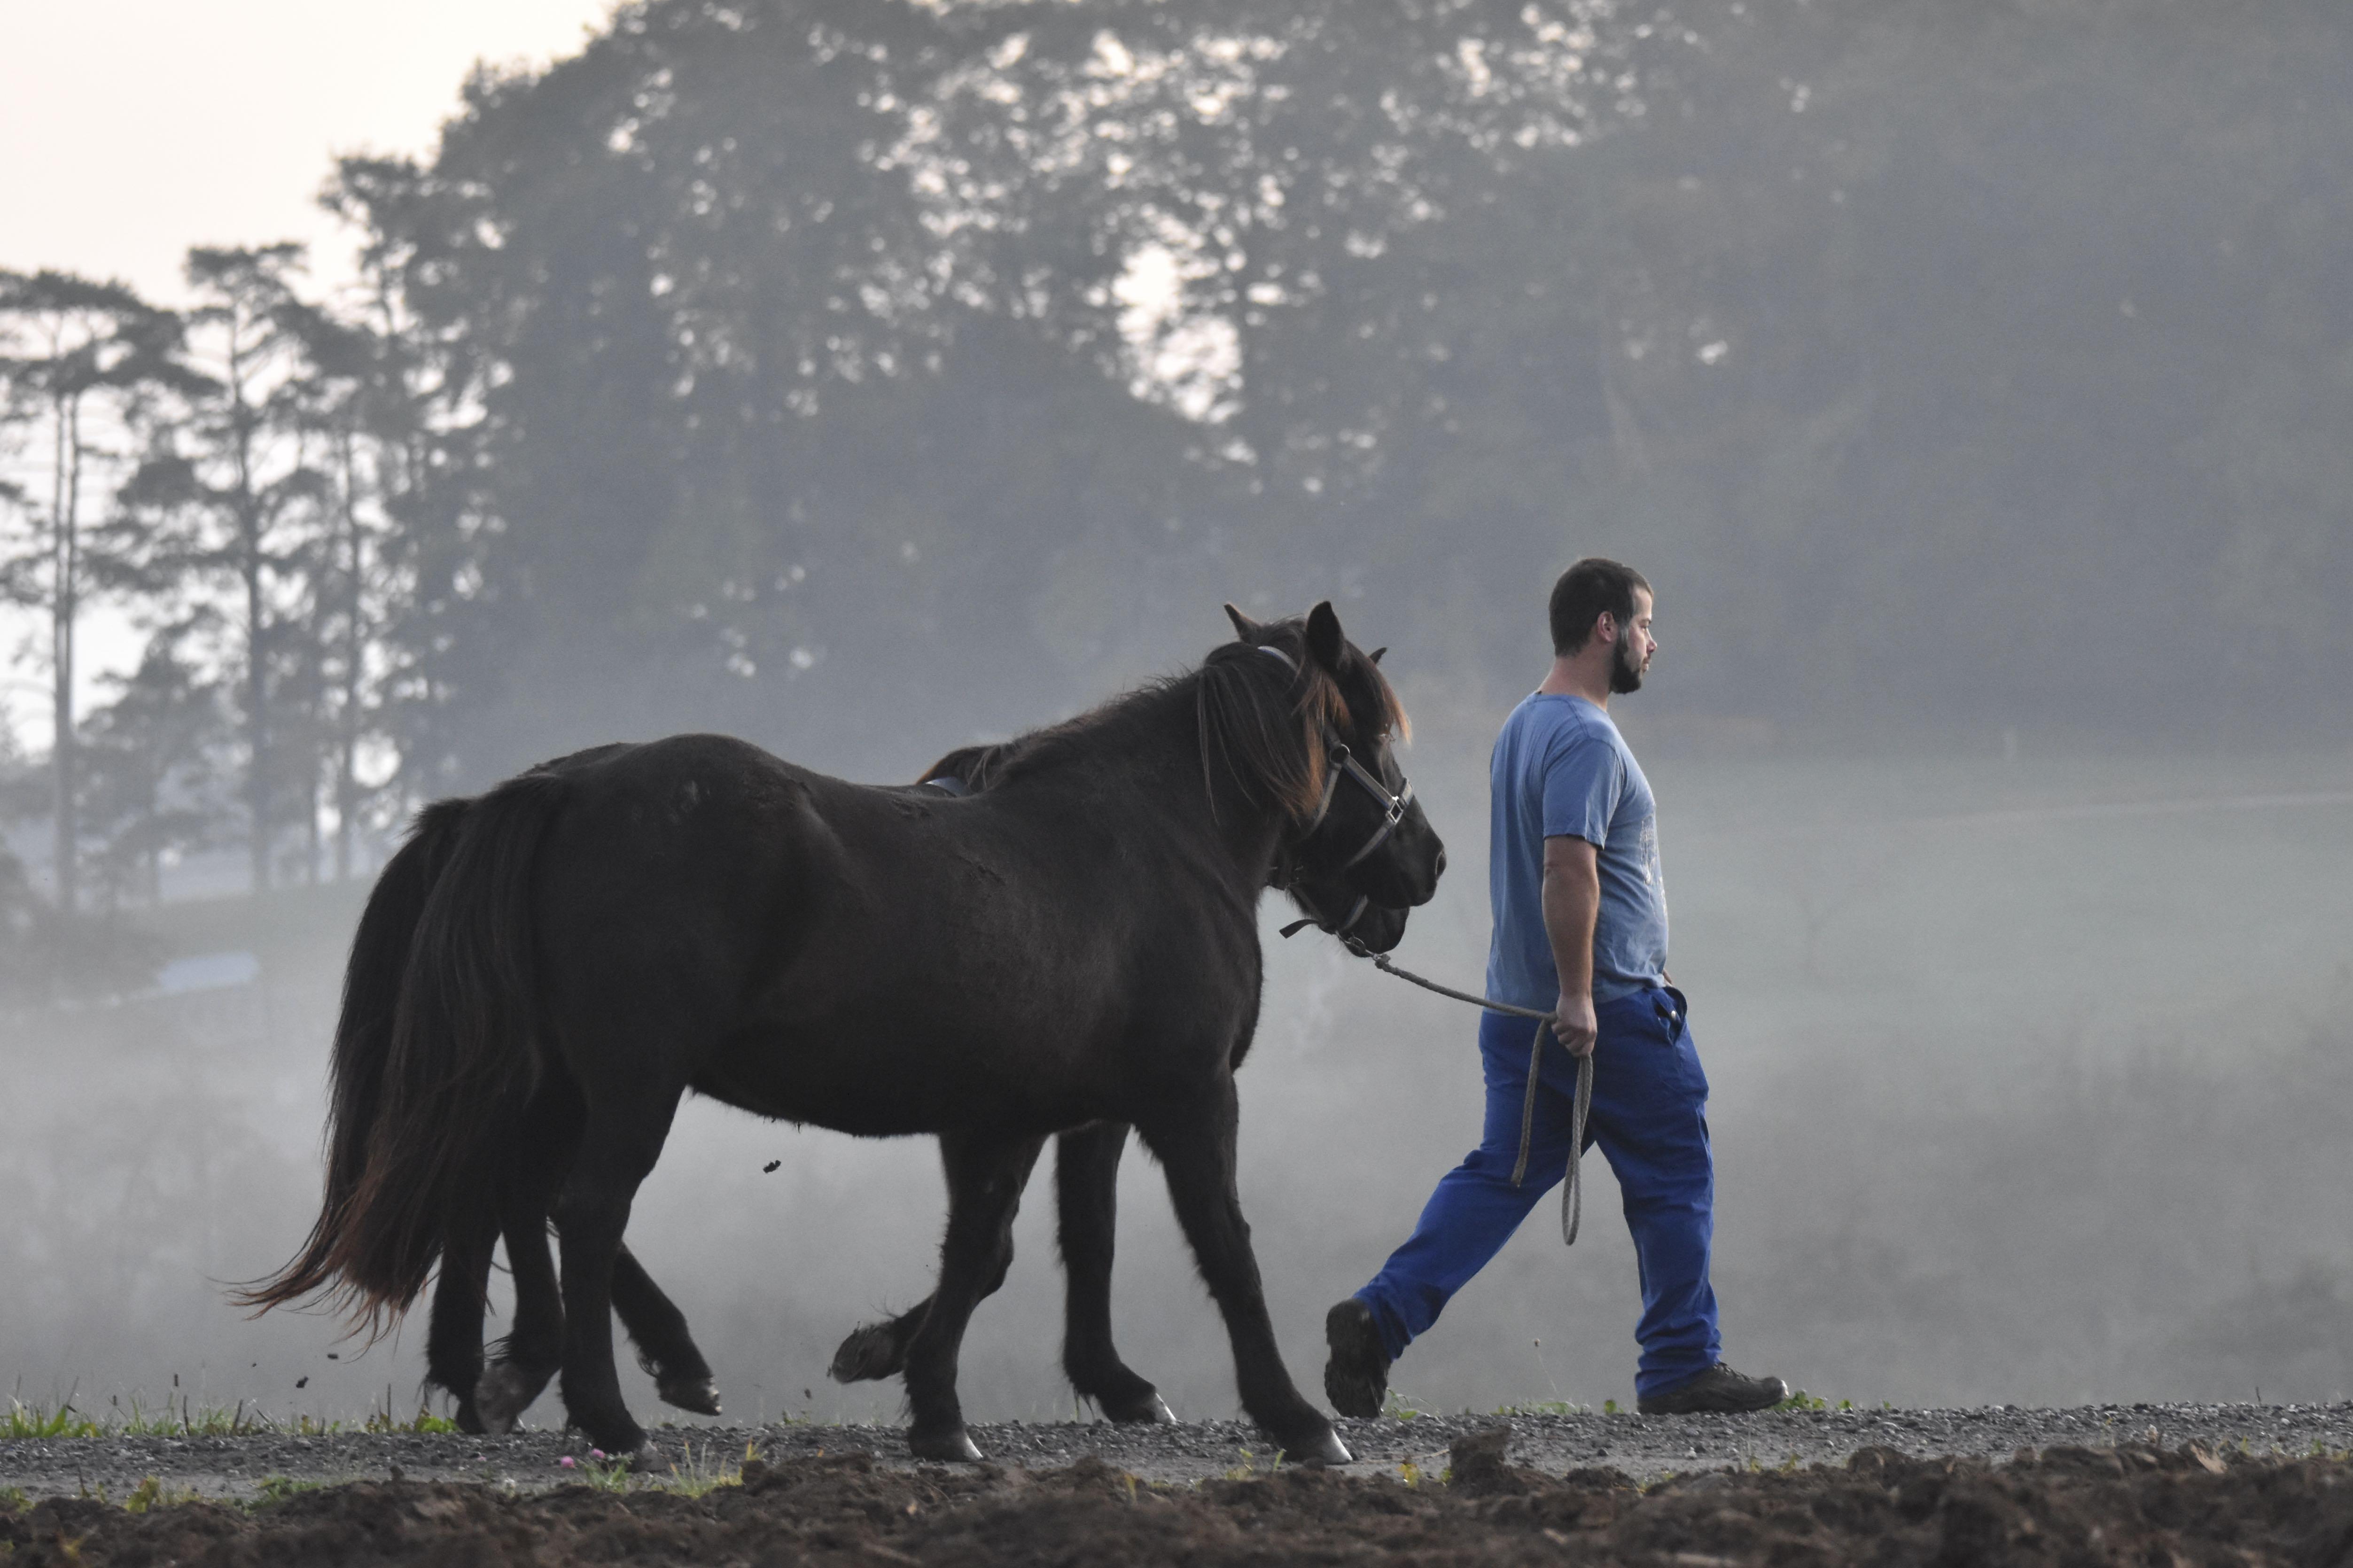 Team @ work | Mit Pferden spazieren